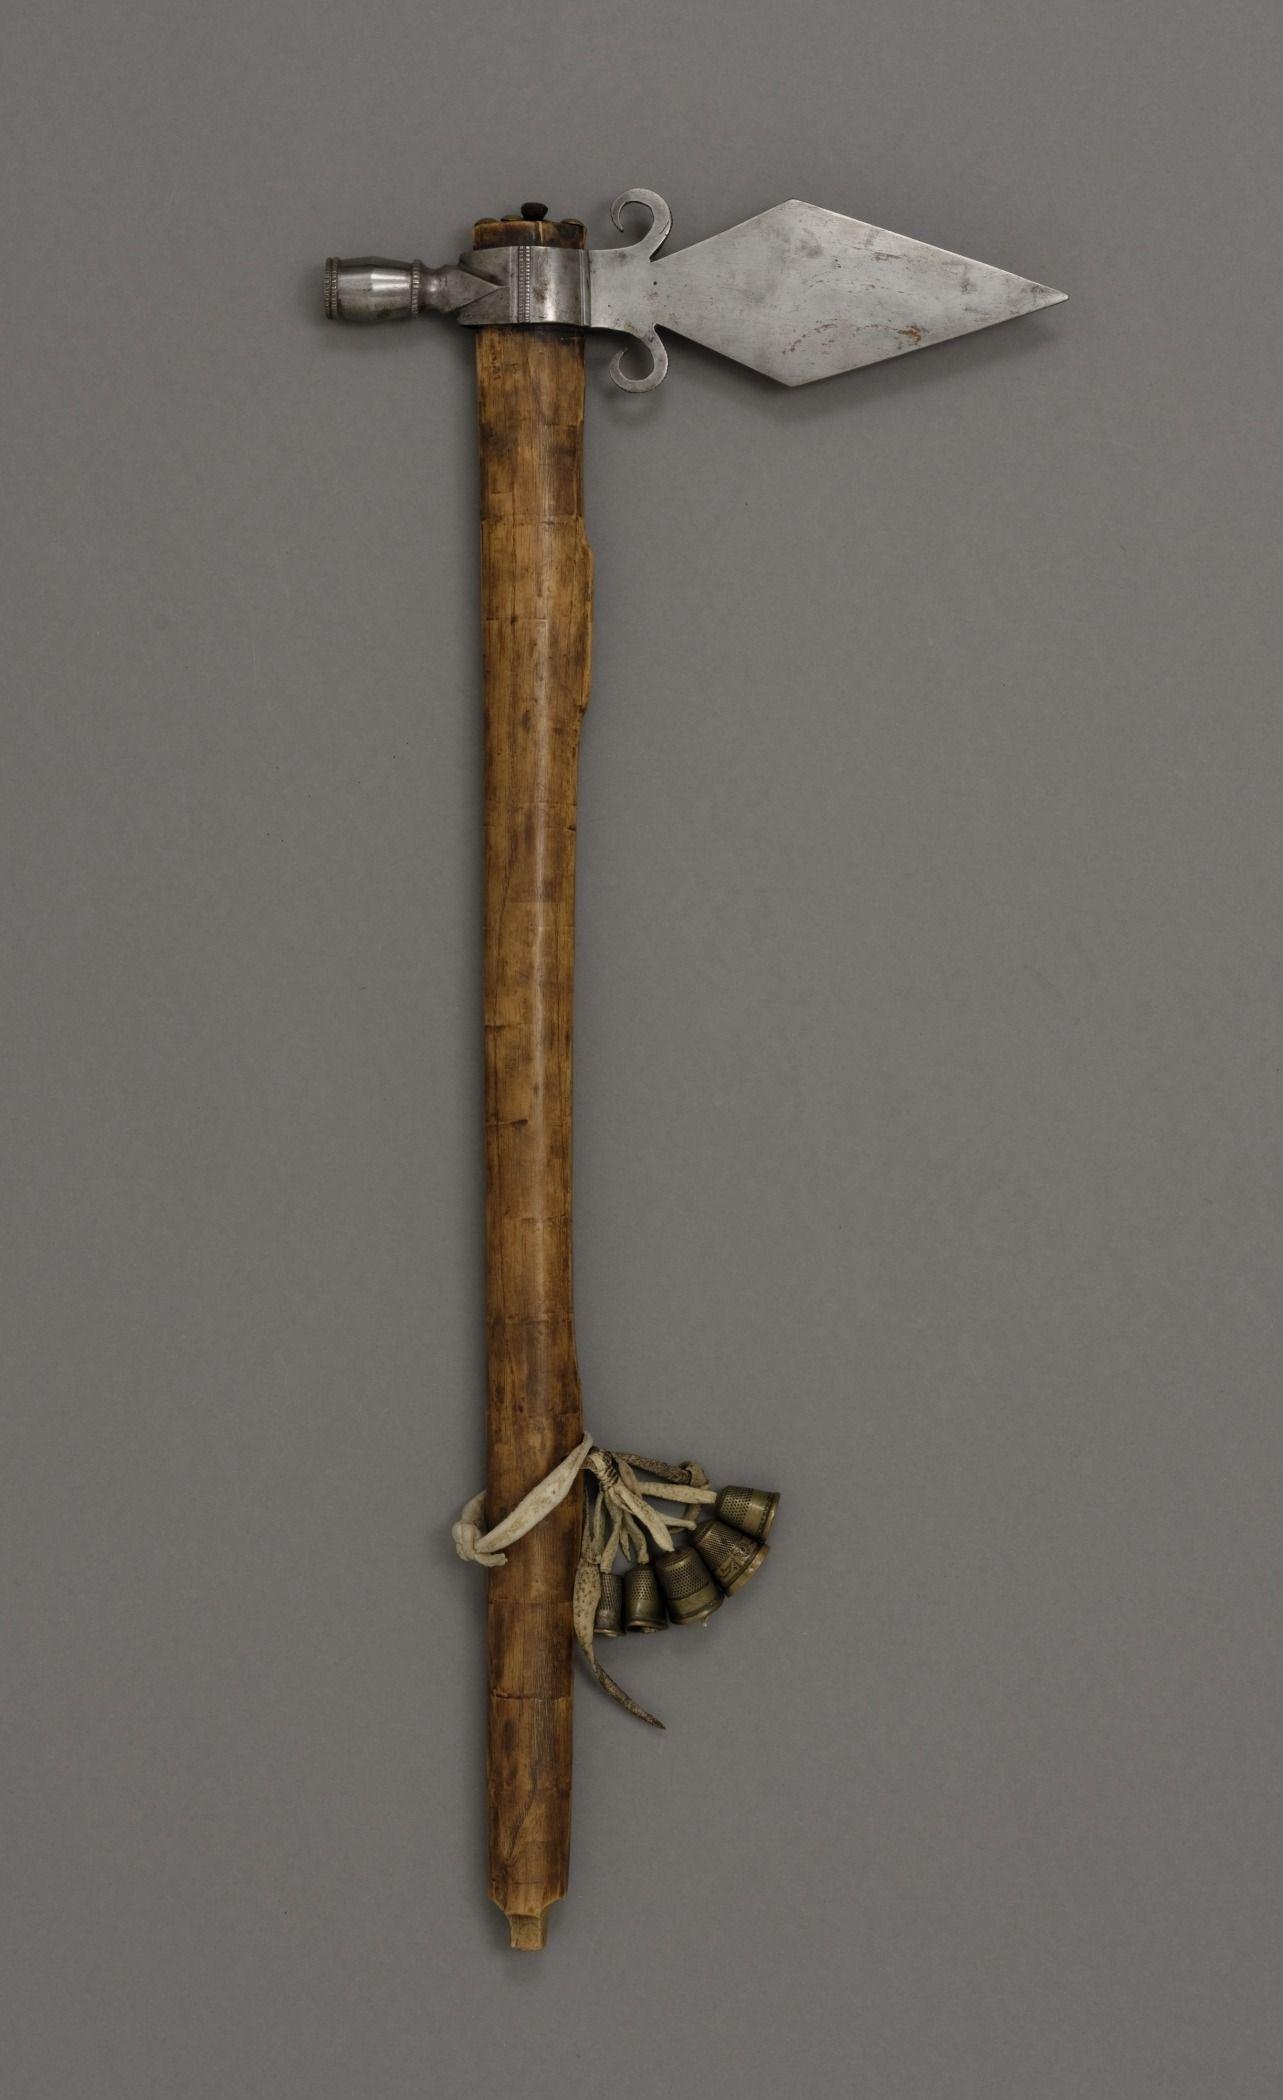 Nez Perce Tools